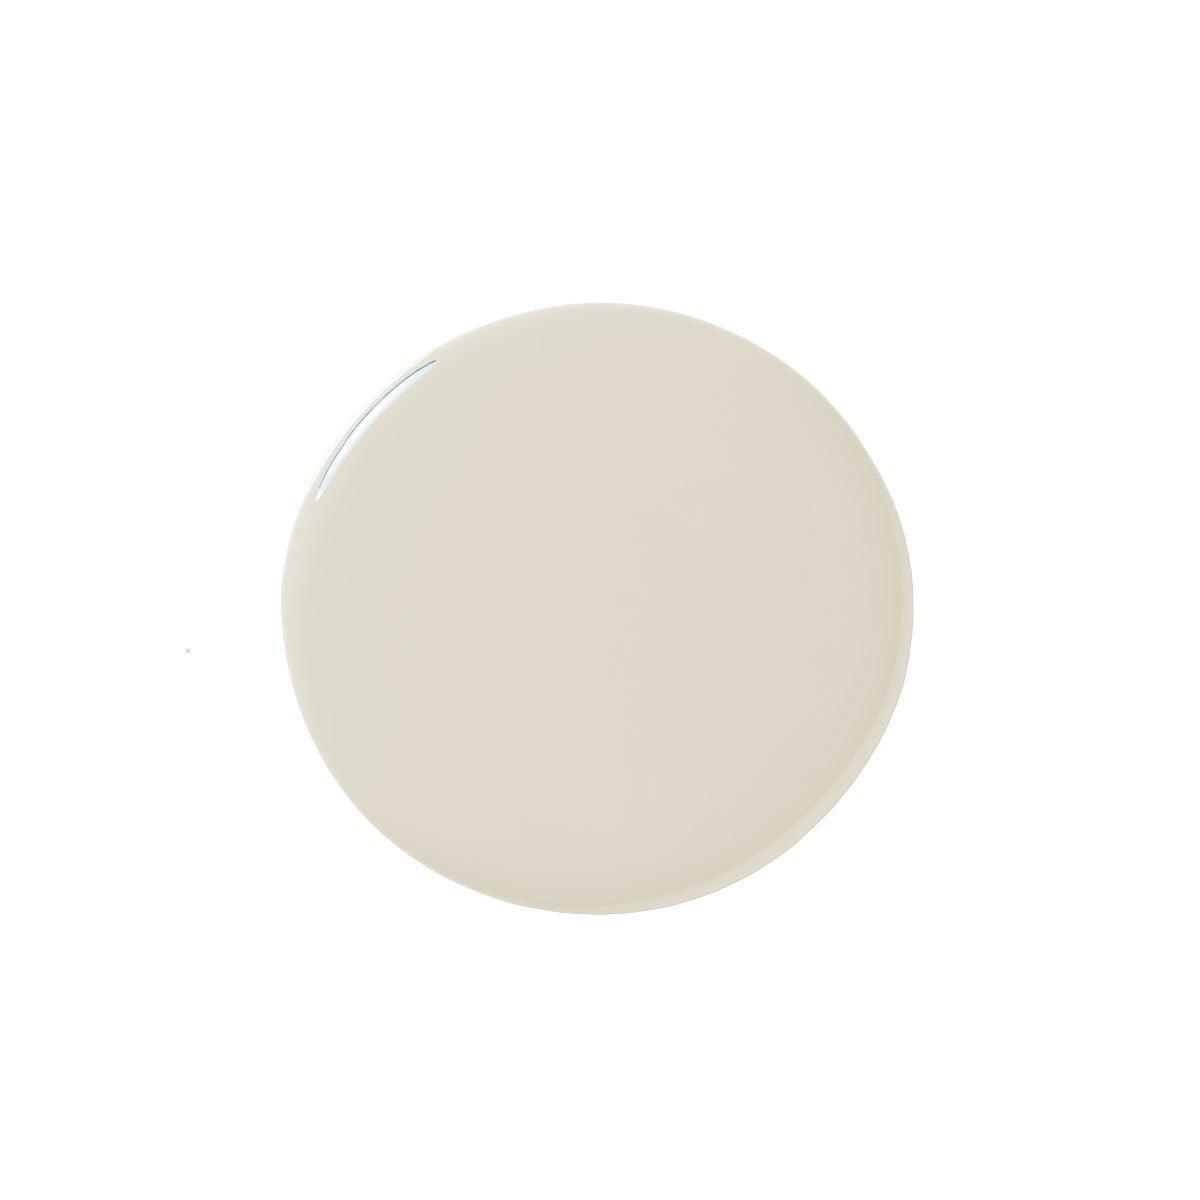 Limewash Paint Blob